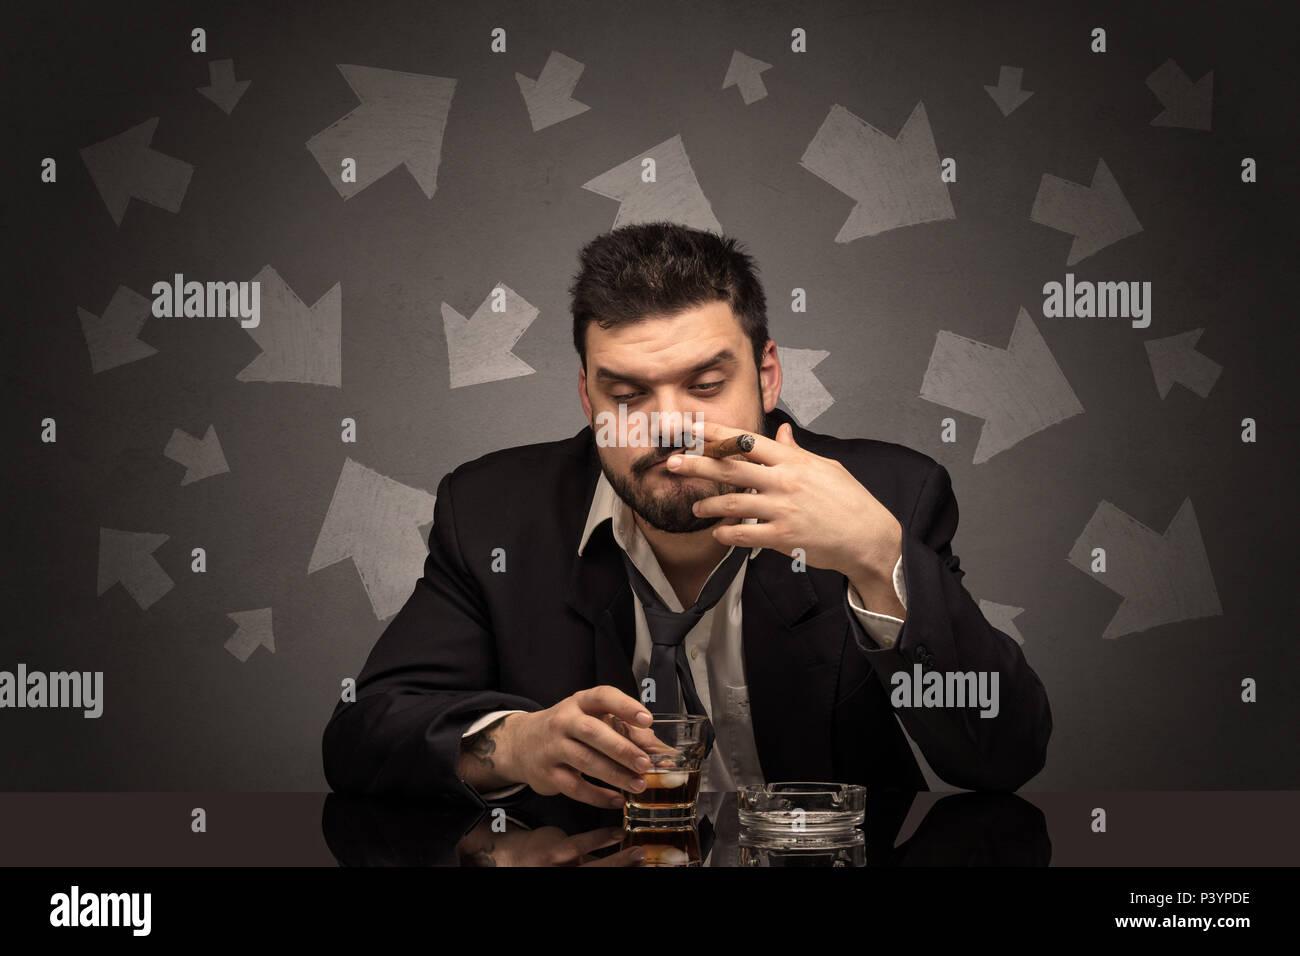 Ubriaco deluso uomo seduto a tavola con le frecce intorno Immagini Stock